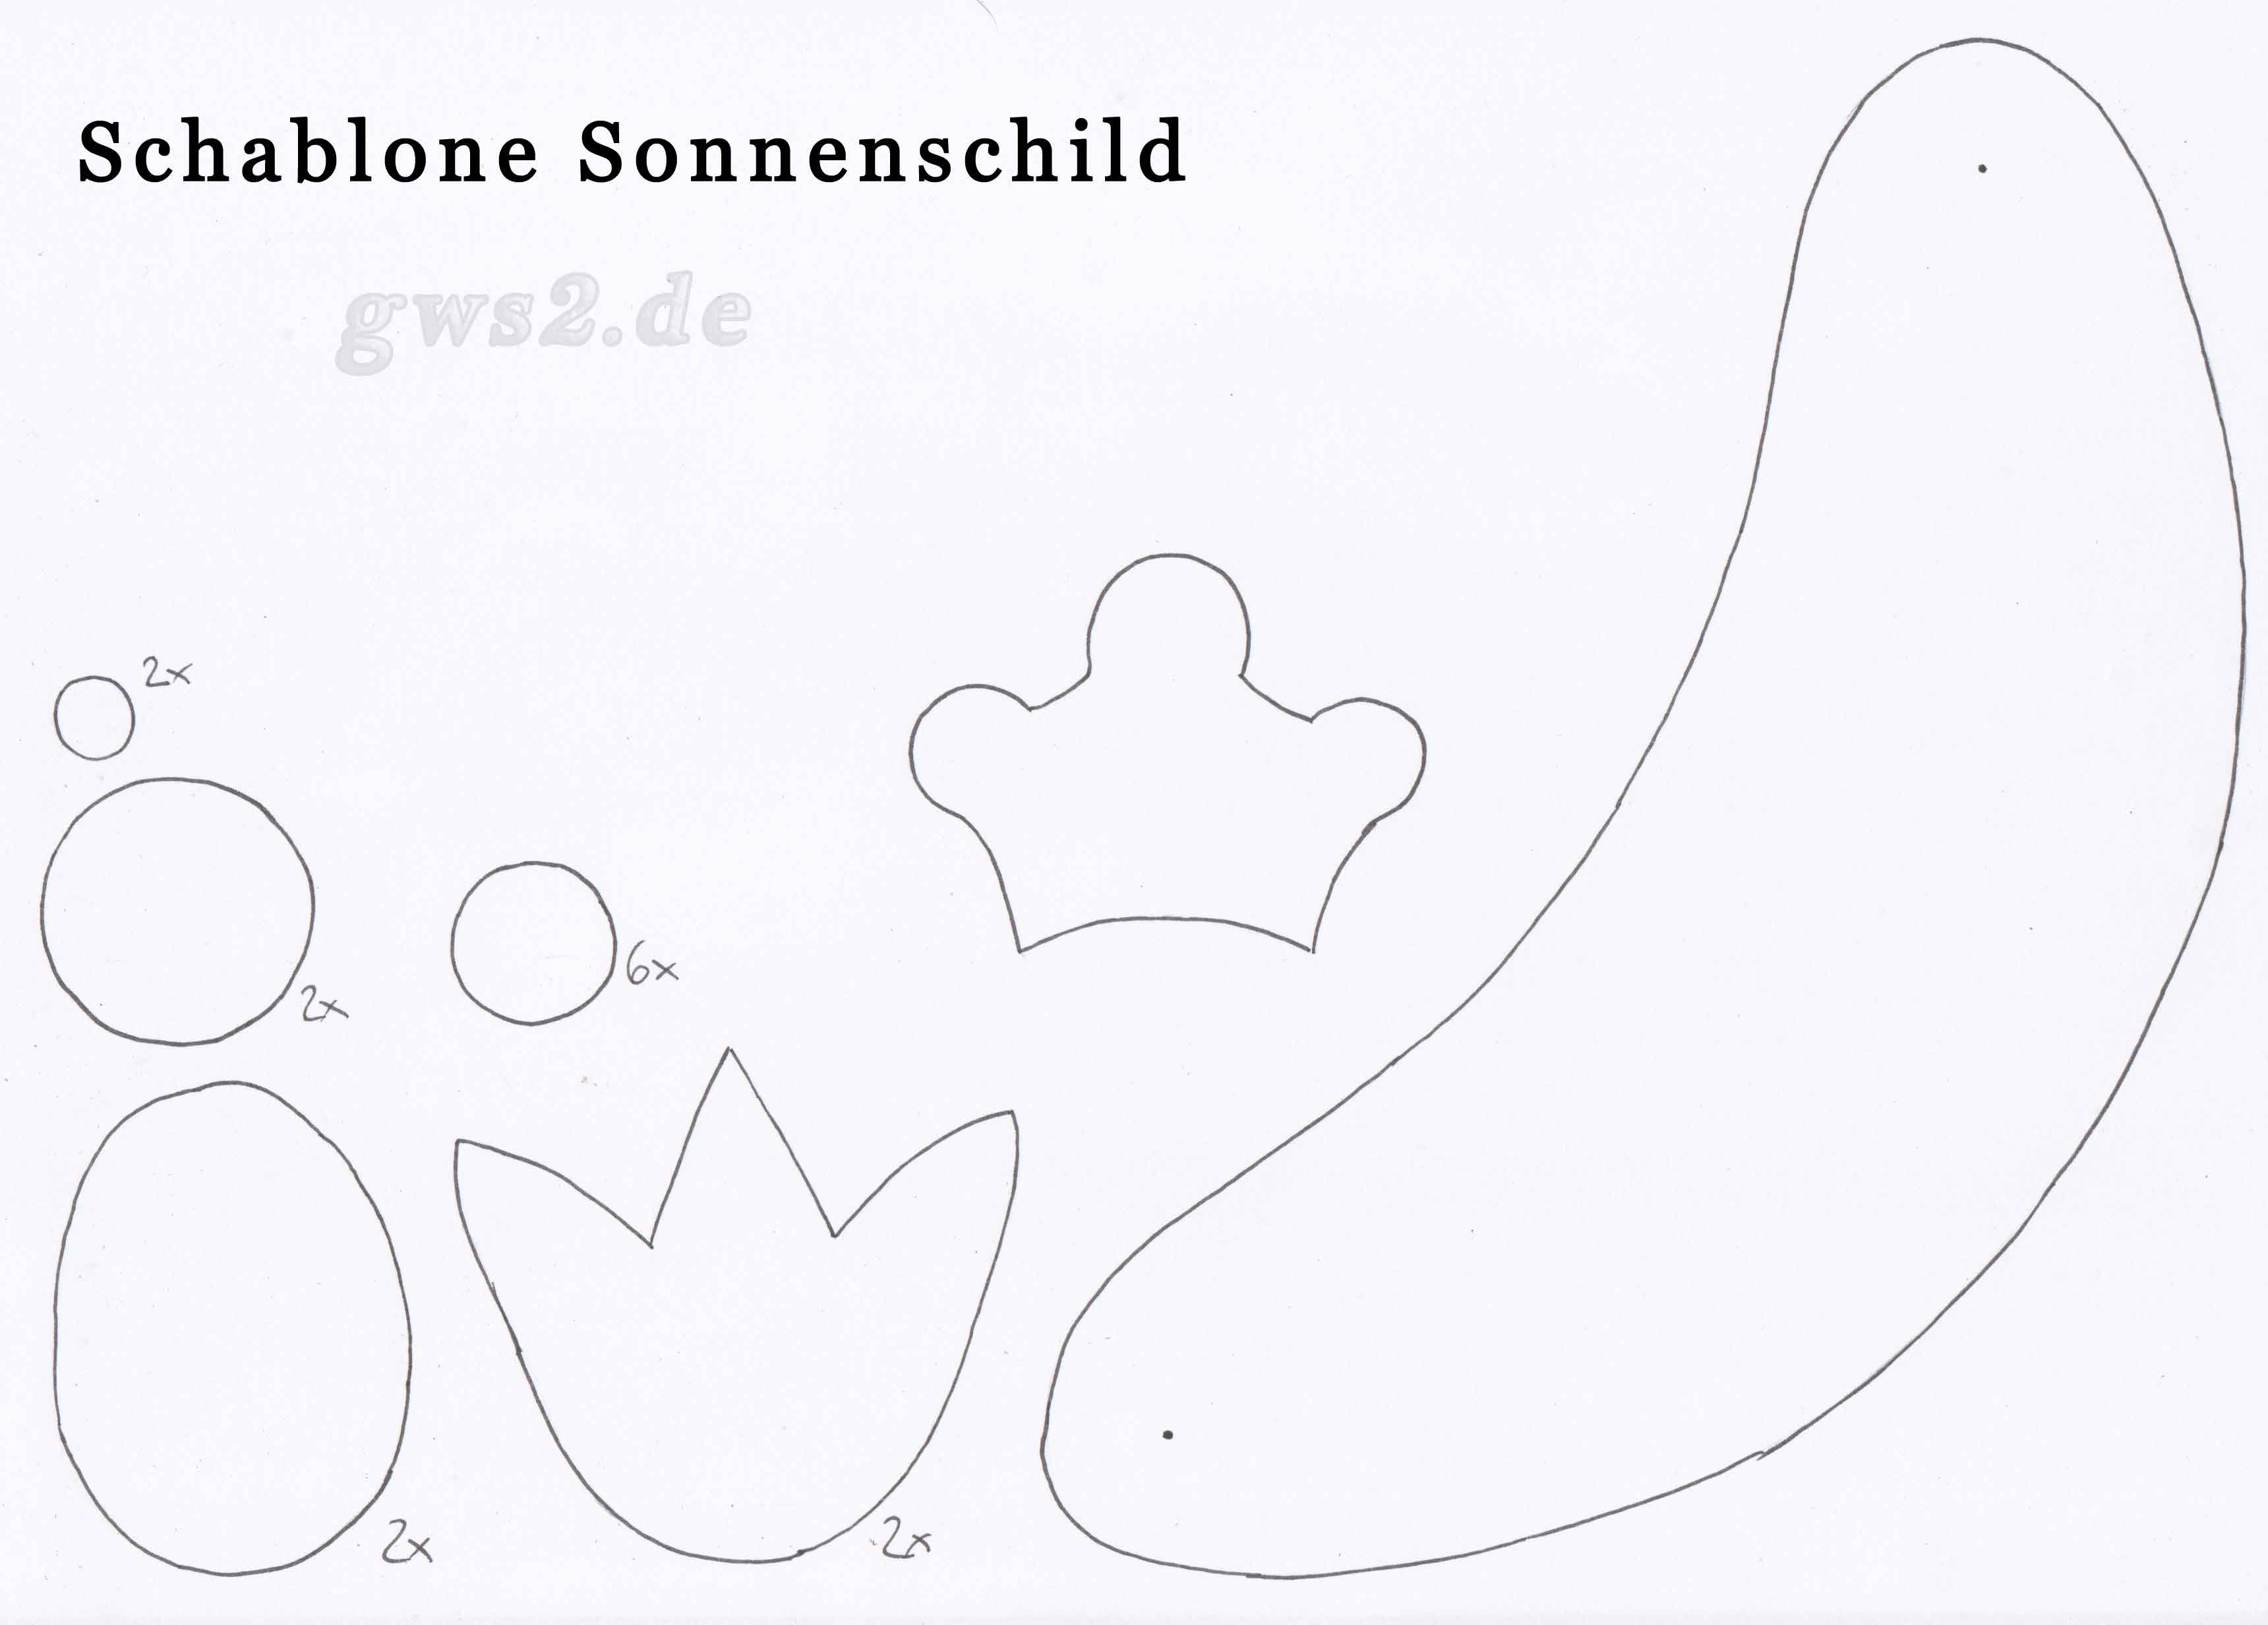 Bild von Schablone fürs Sonnenschild